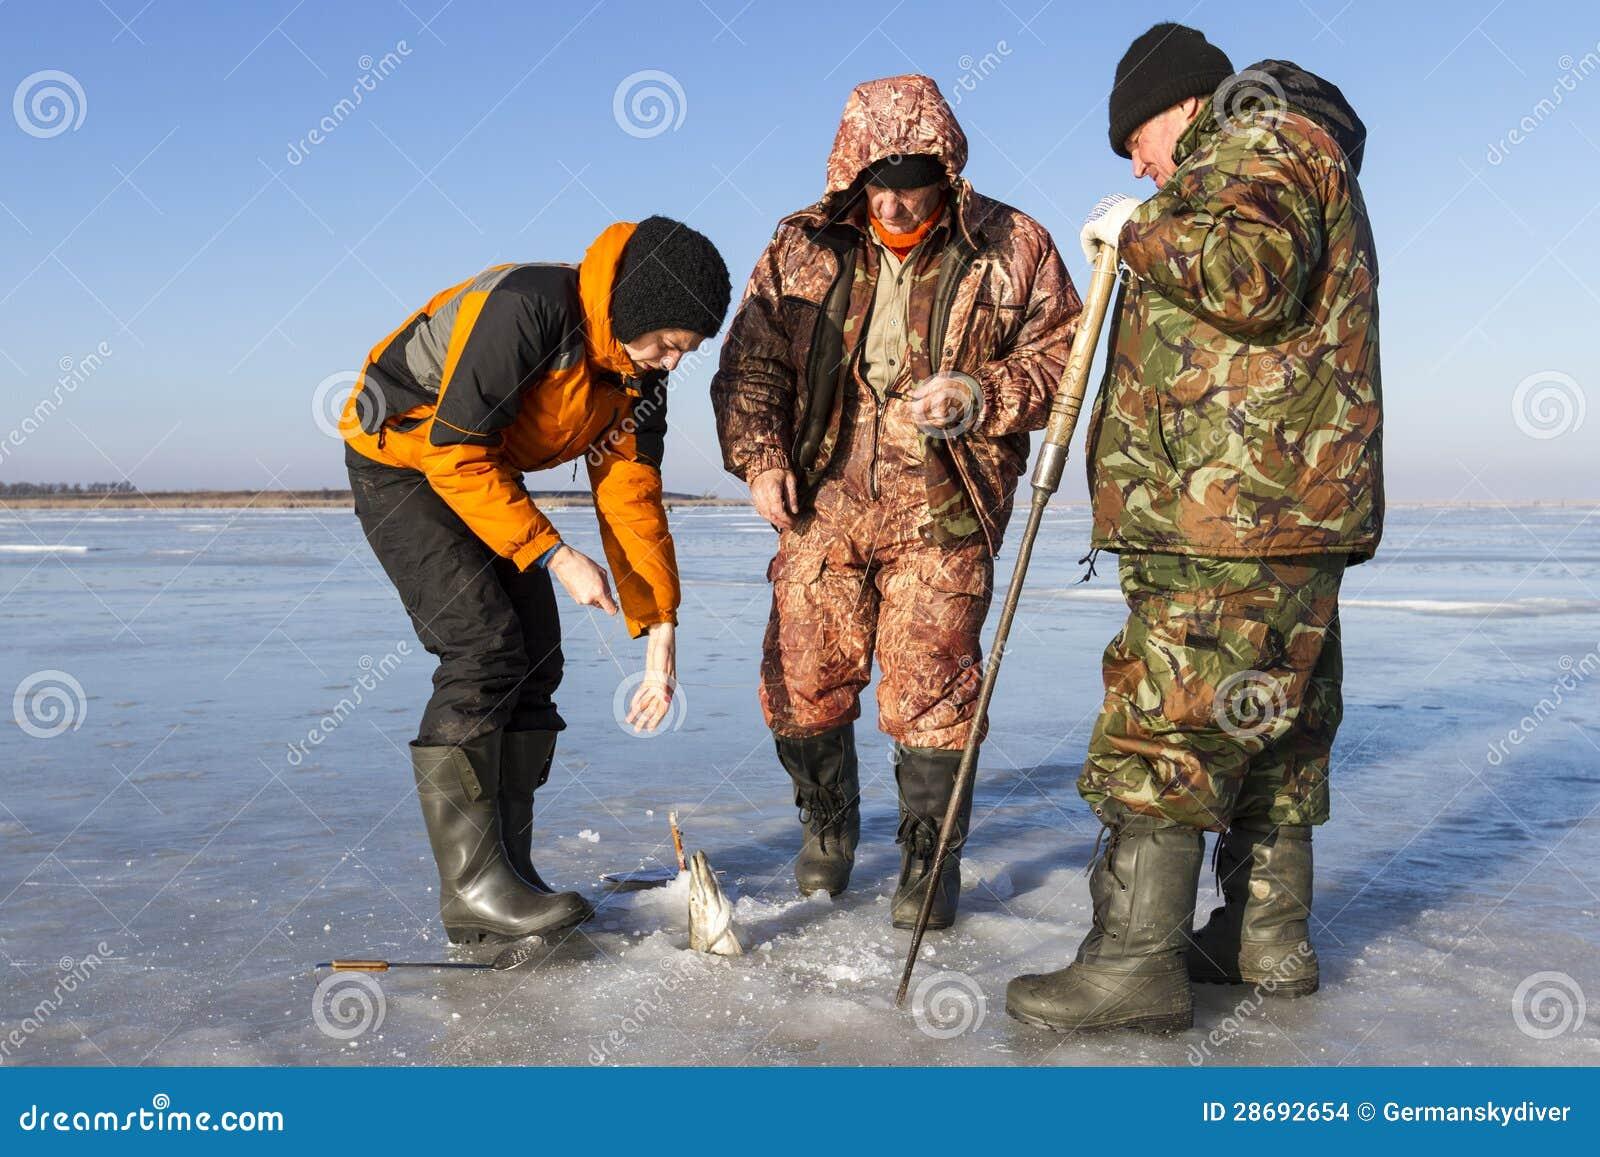 Pesca sul ghiaccio.